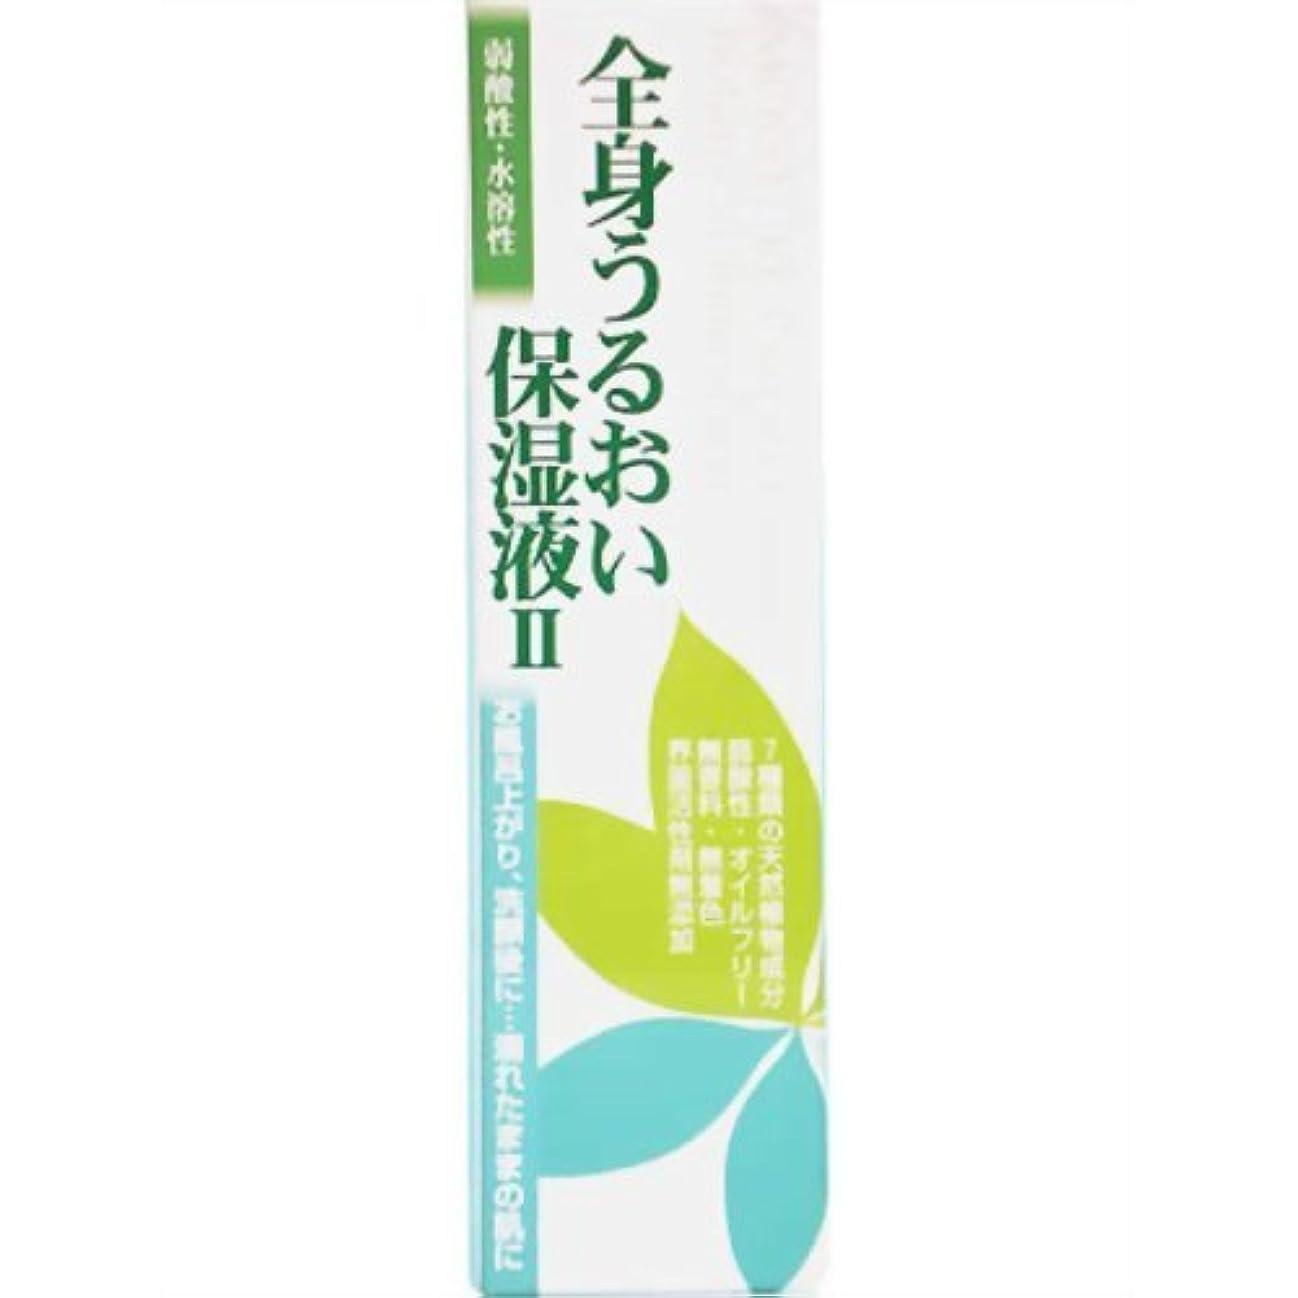 ゆるい条約り全身うるおい保湿液(まろやか薬用スキントリートメント) 250ml